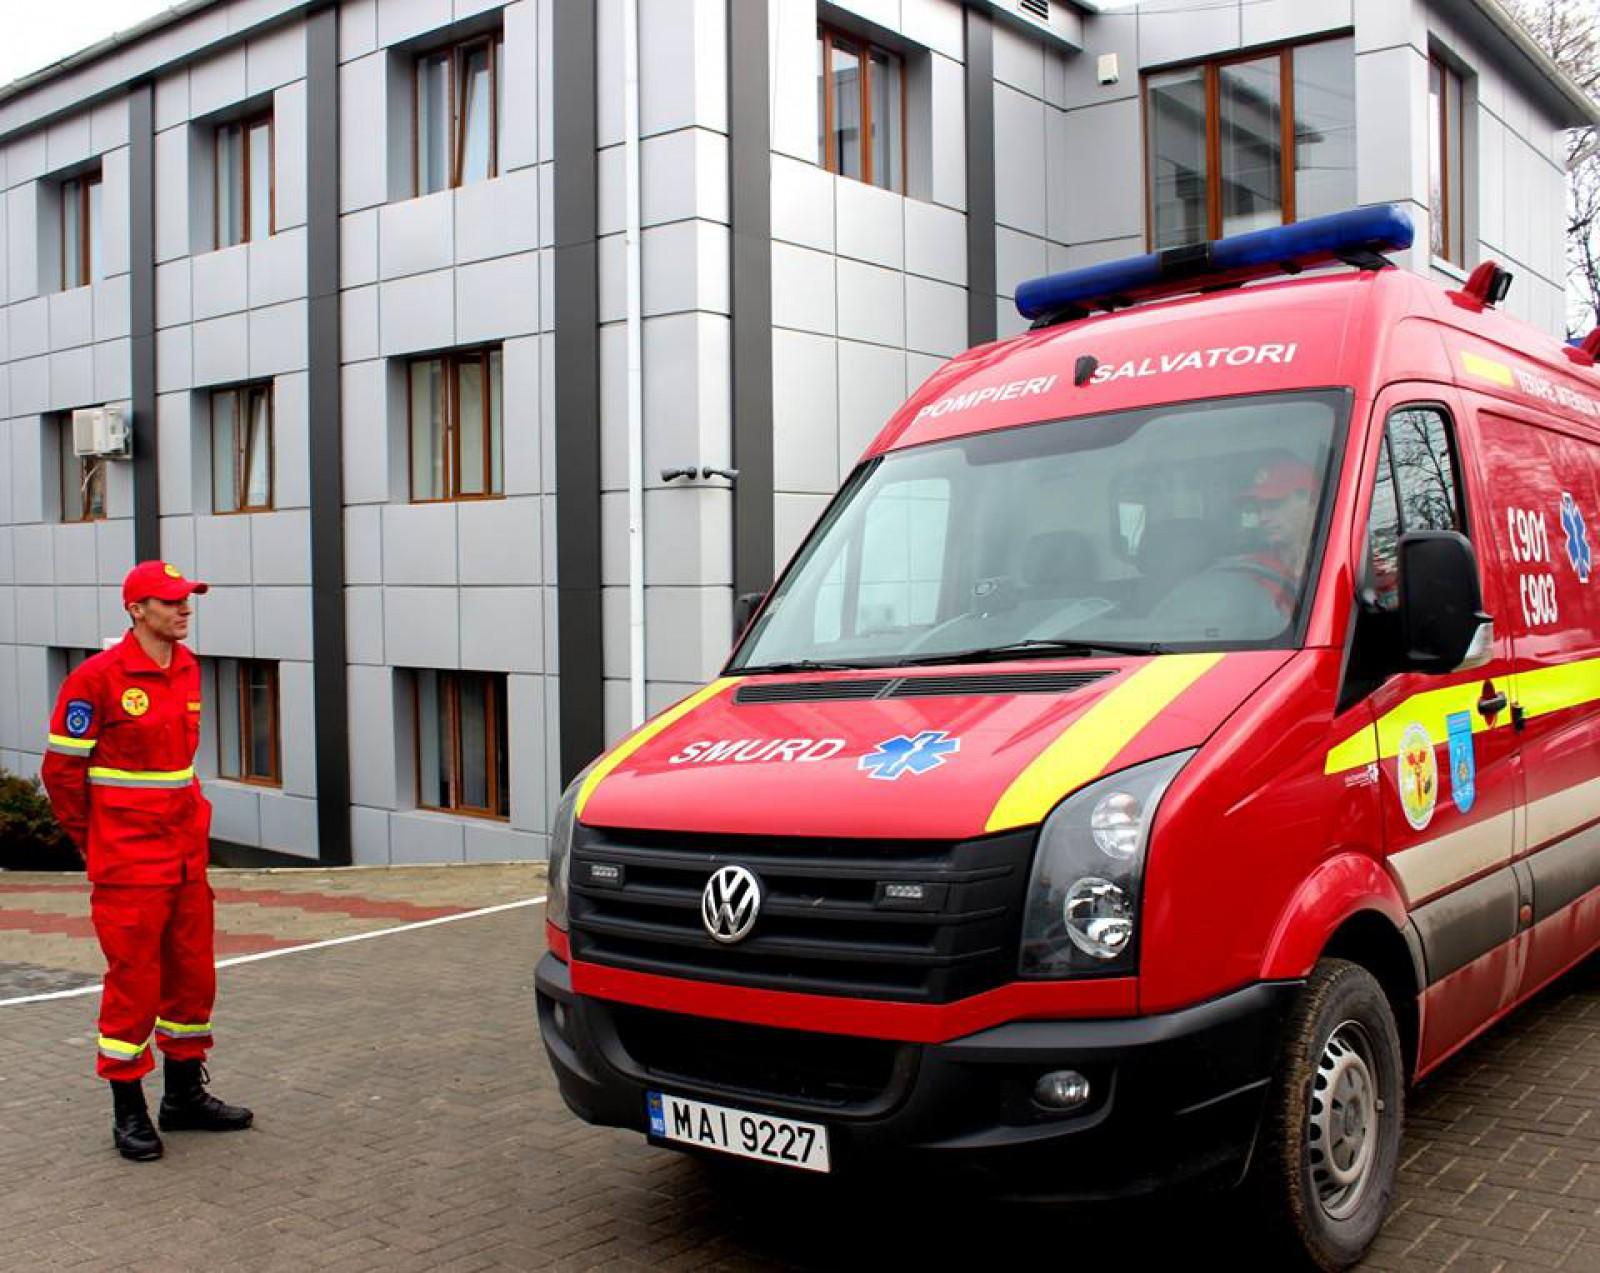 (video) O moldoveancă, internată într-un spital din Italia, va fi adusă în țară cu echipajul SMURD